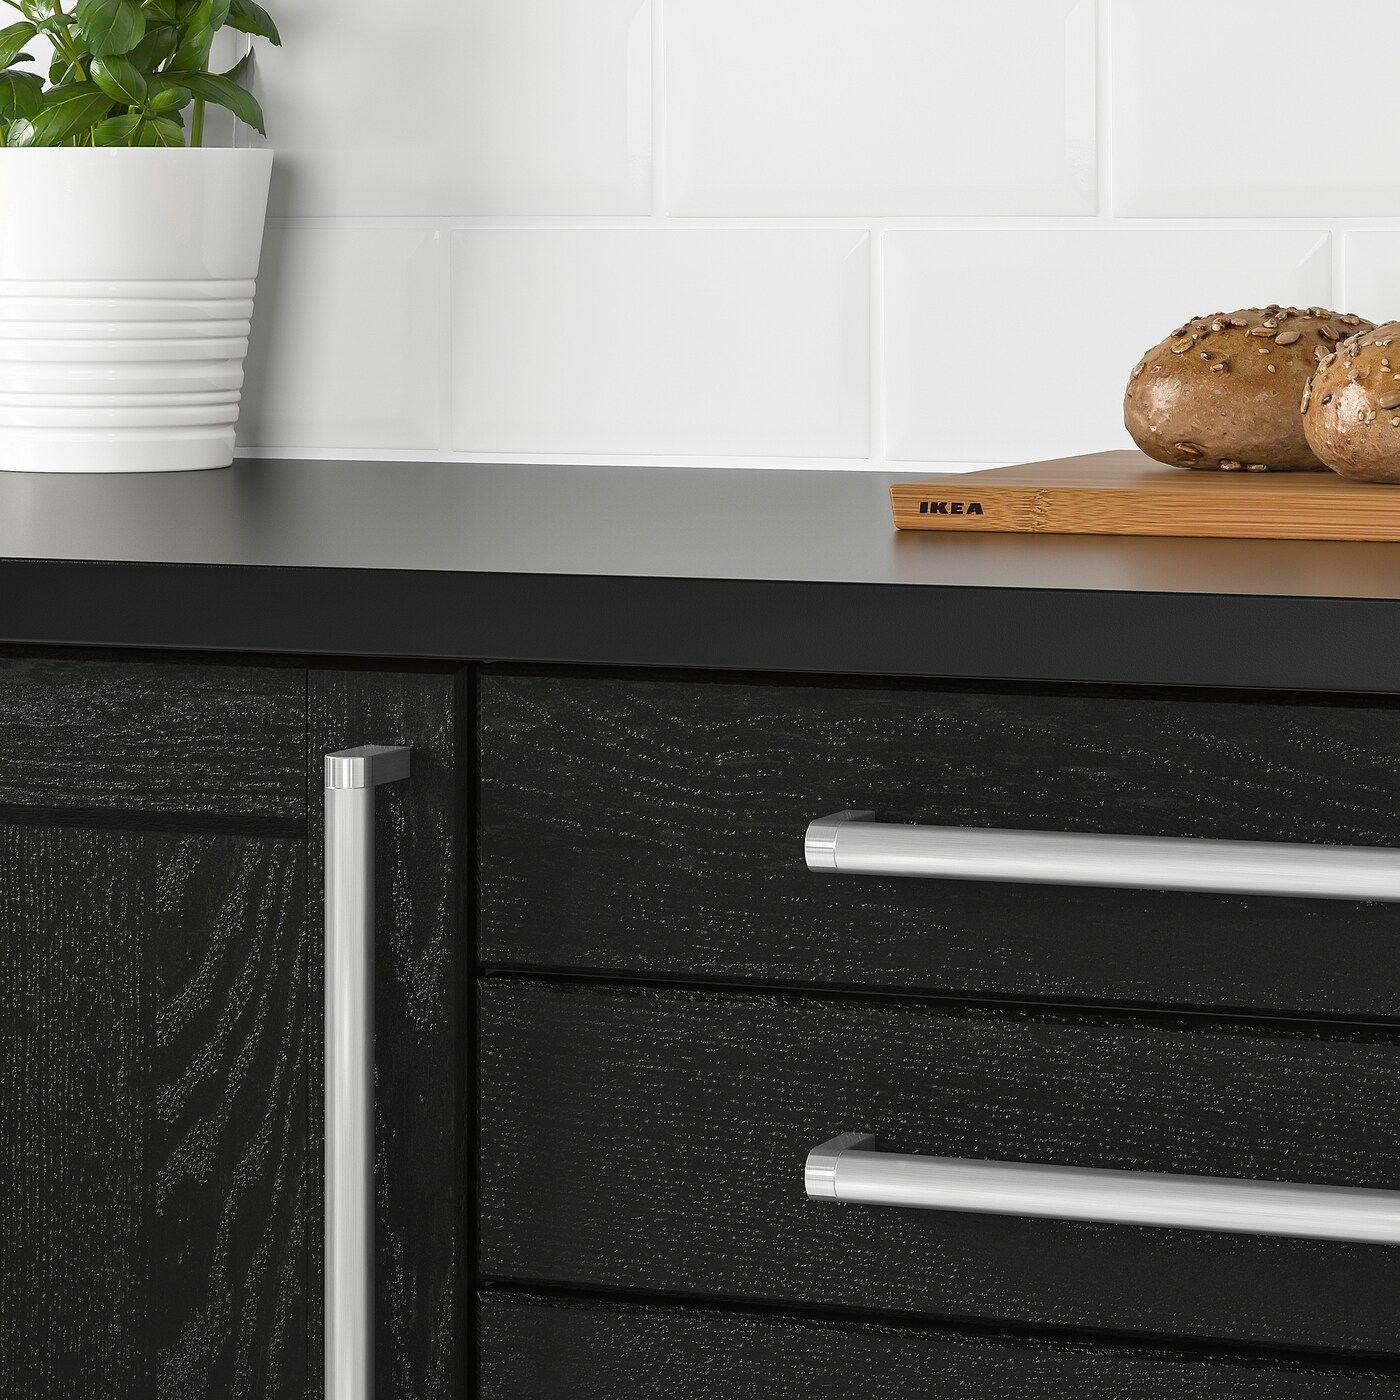 Orrnas Handgreep Roestvrij Staal Roestvrij Staalkleur 330 Mm Ikea Kitchen Cupboard Handles Kitchen Door Handles Ikea